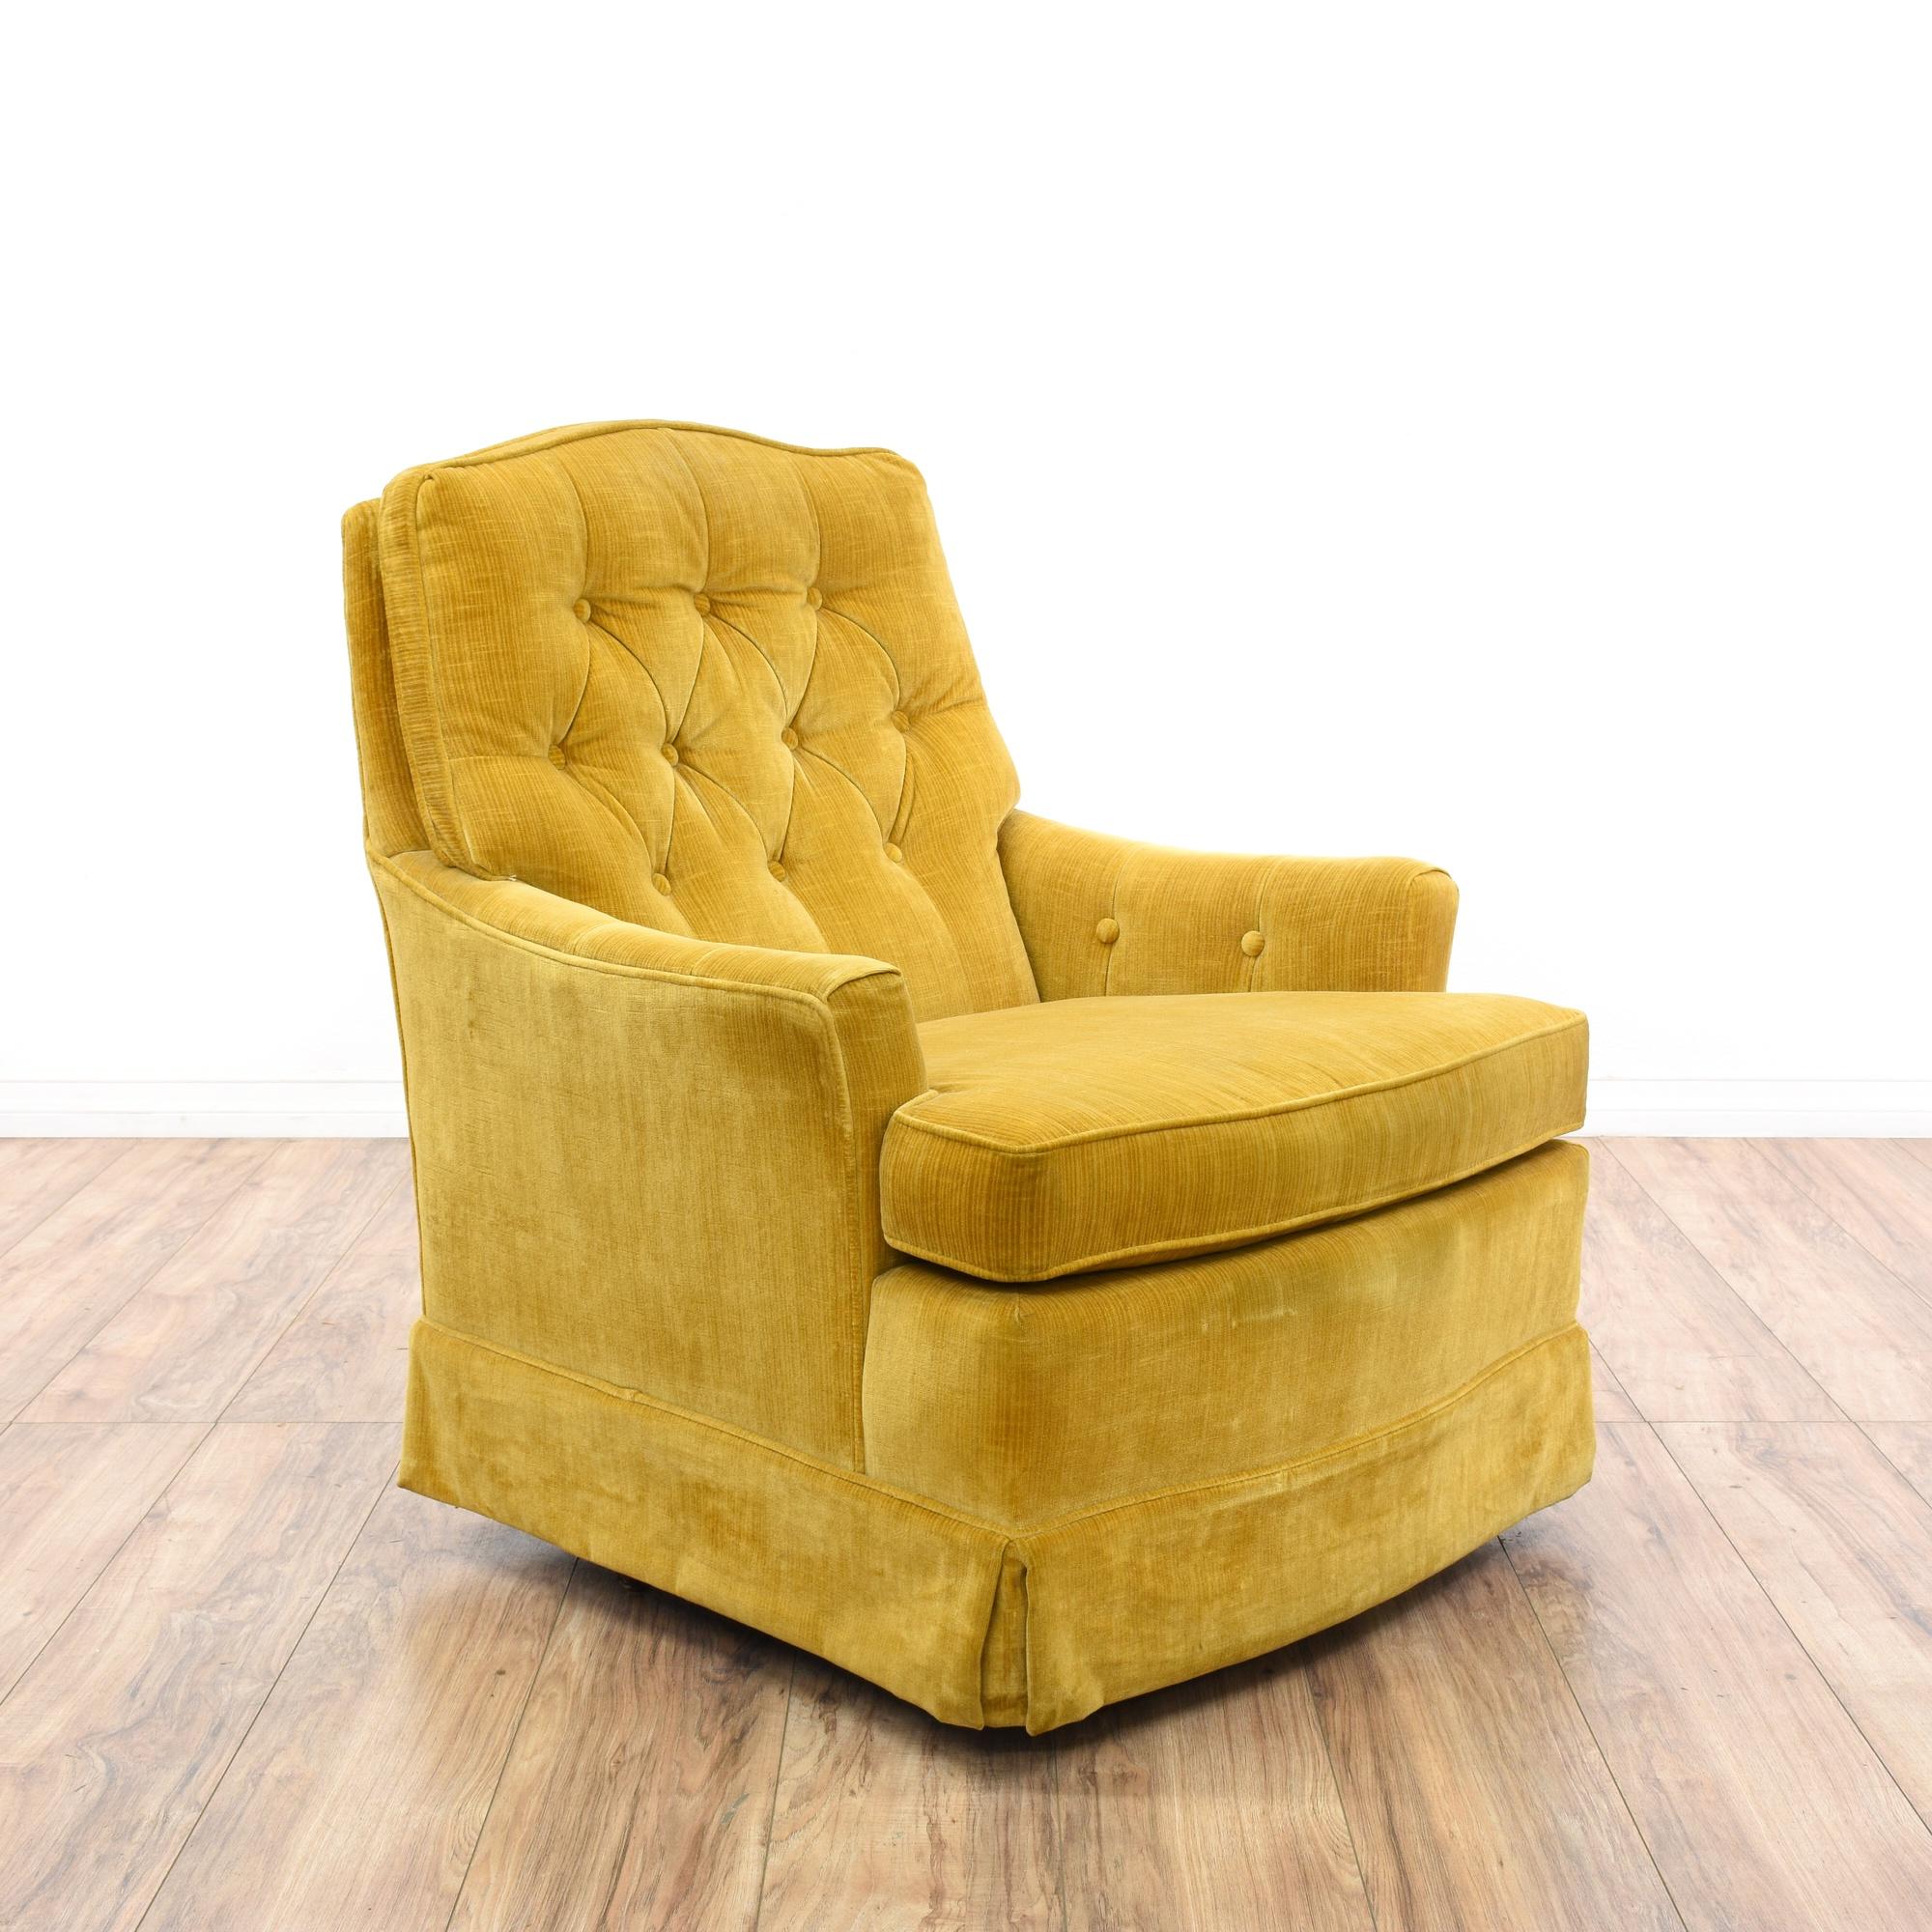 Quot Woodmark Quot Gold Velvet Chair W Tufted Back Loveseat